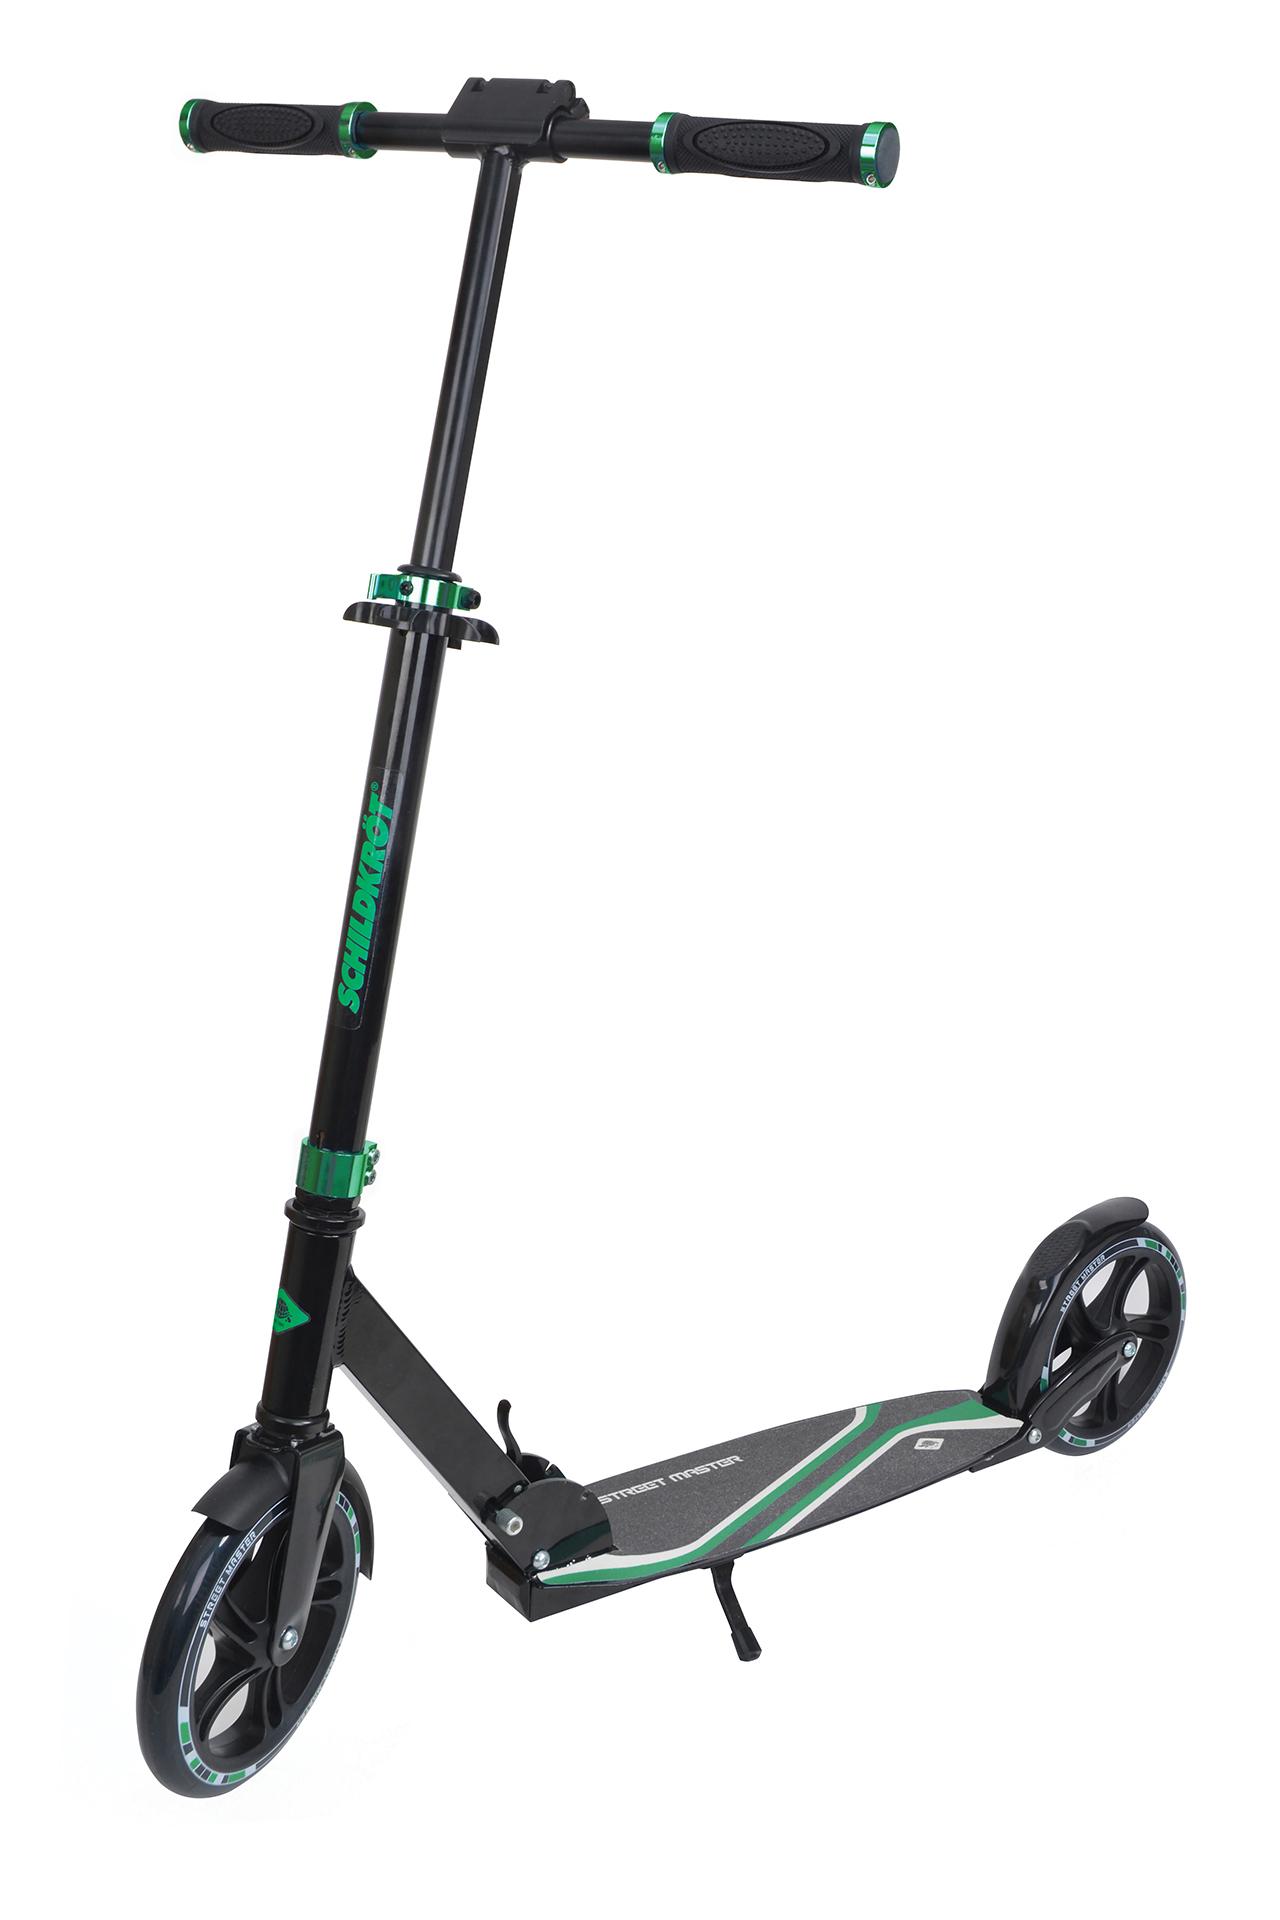 Schildkröt City Scooter Street Master, 200mm Räder, Farbe